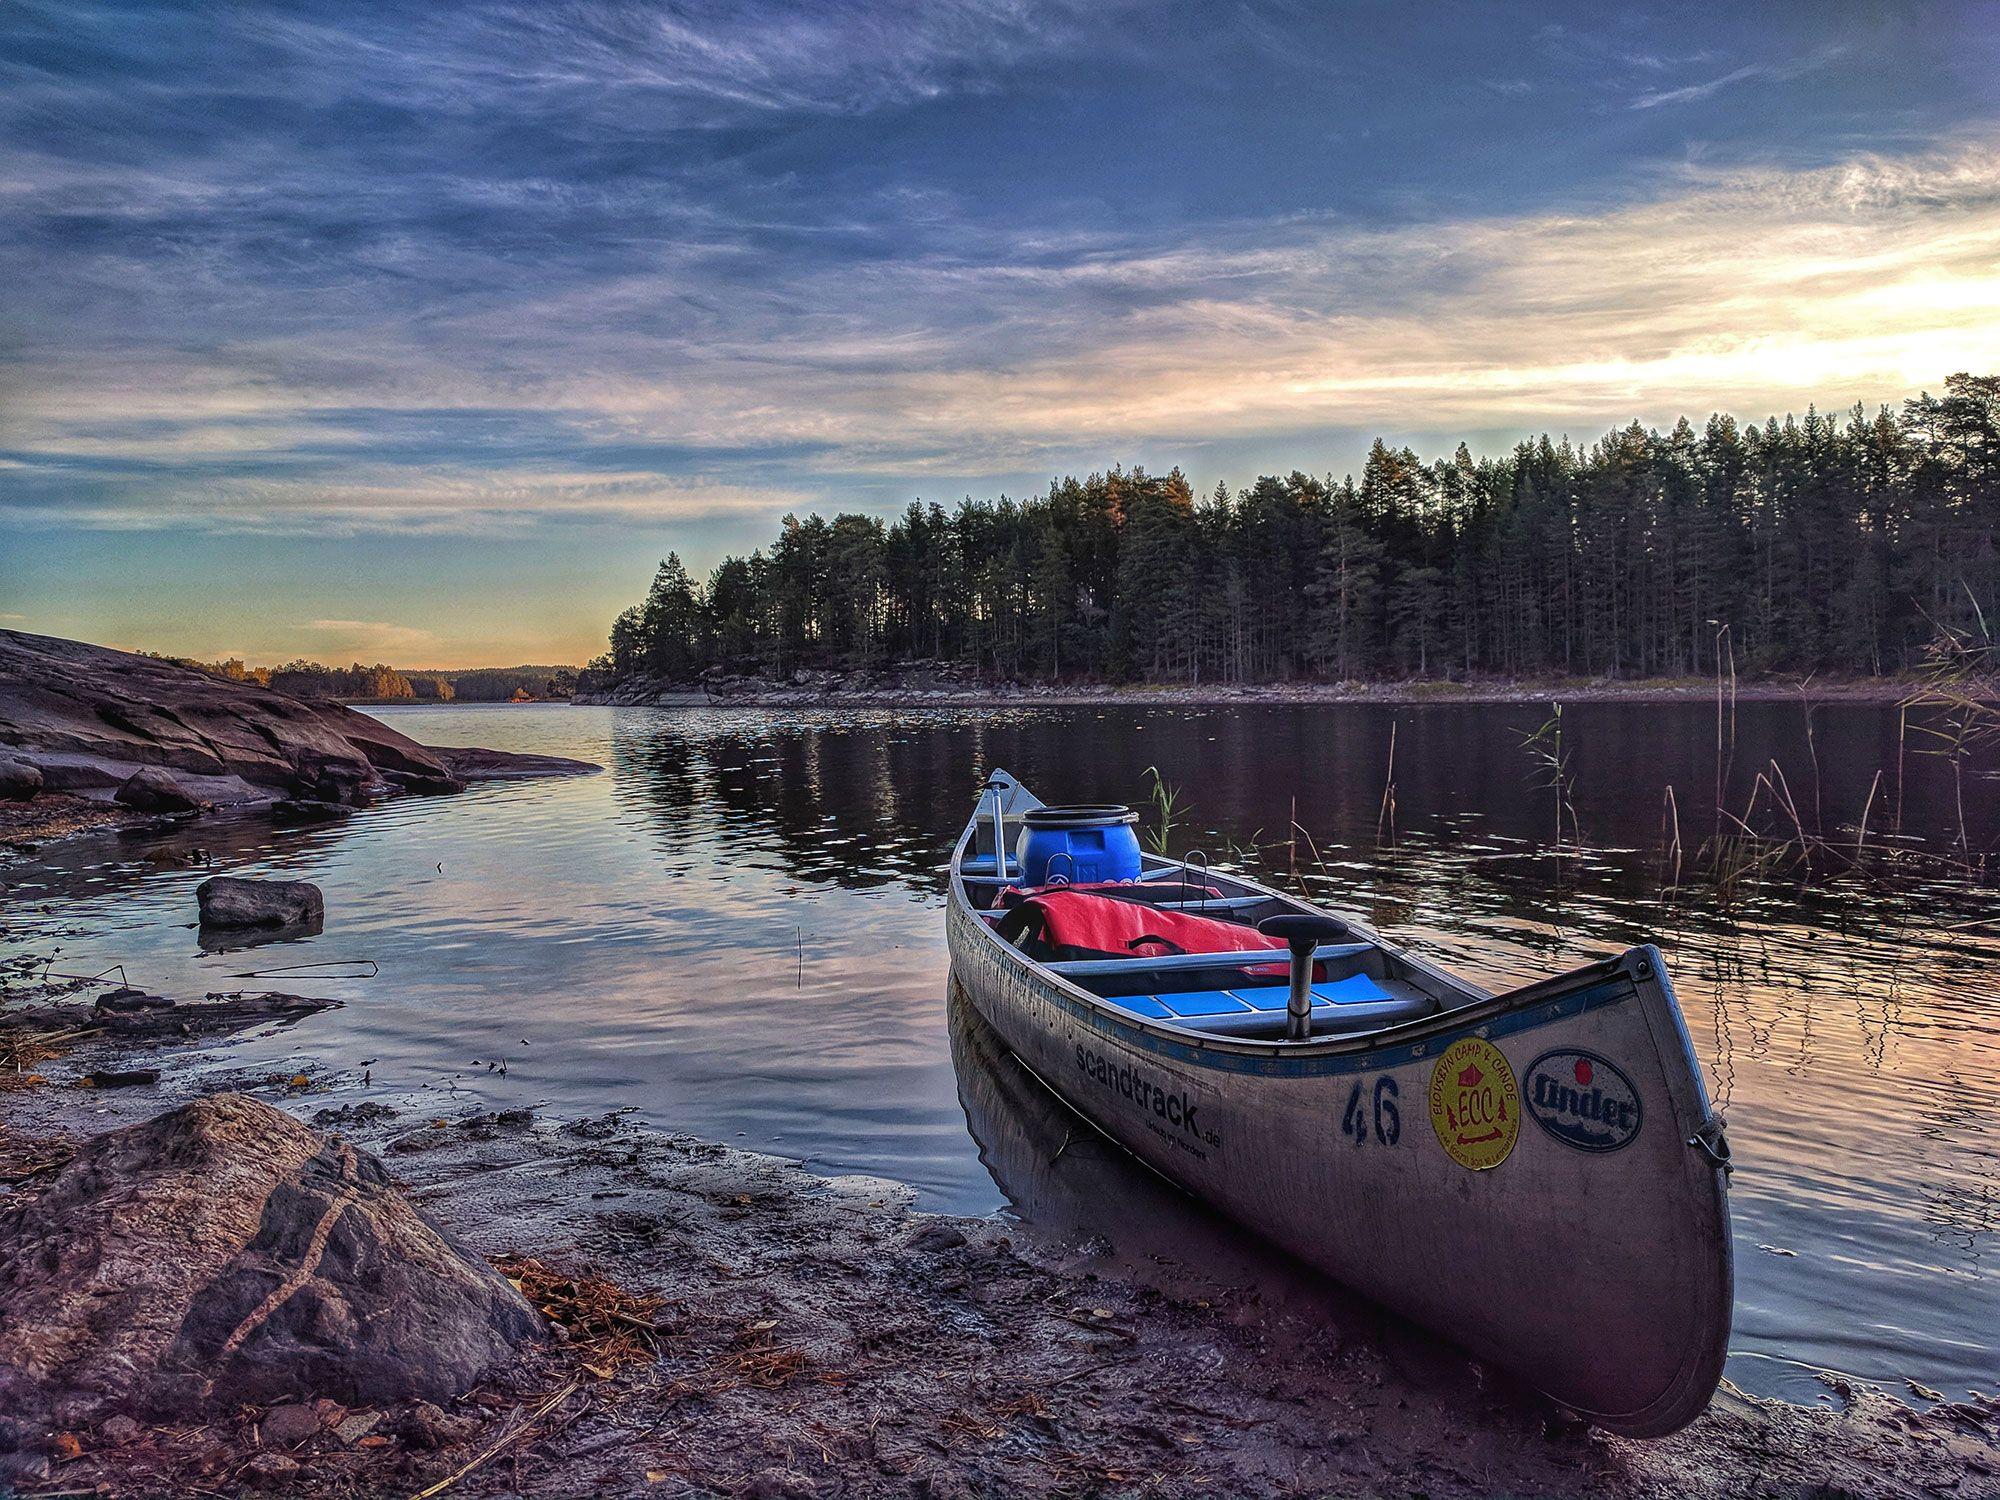 Kanuabenteuer In Schweden Schweden Reise Kanufahren Reiseziele